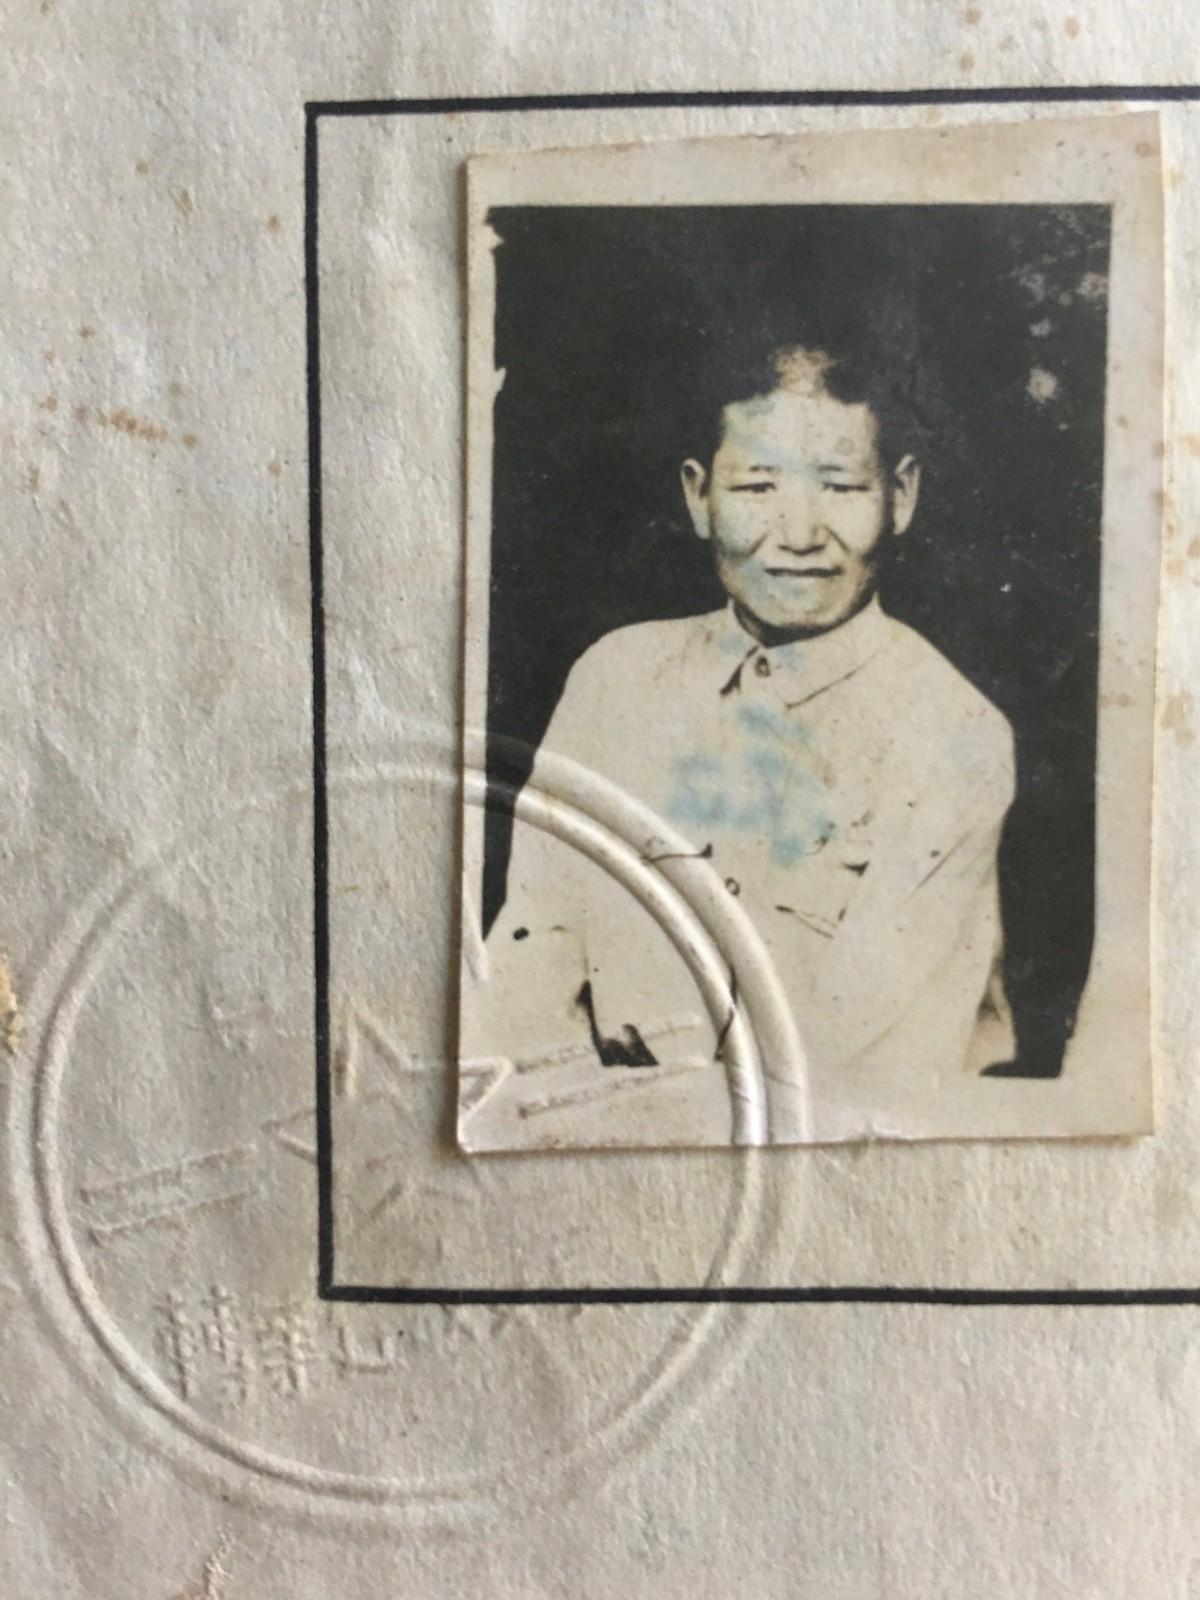 中国人民解放军回乡转业建设军人证明书-李太和_图1-5